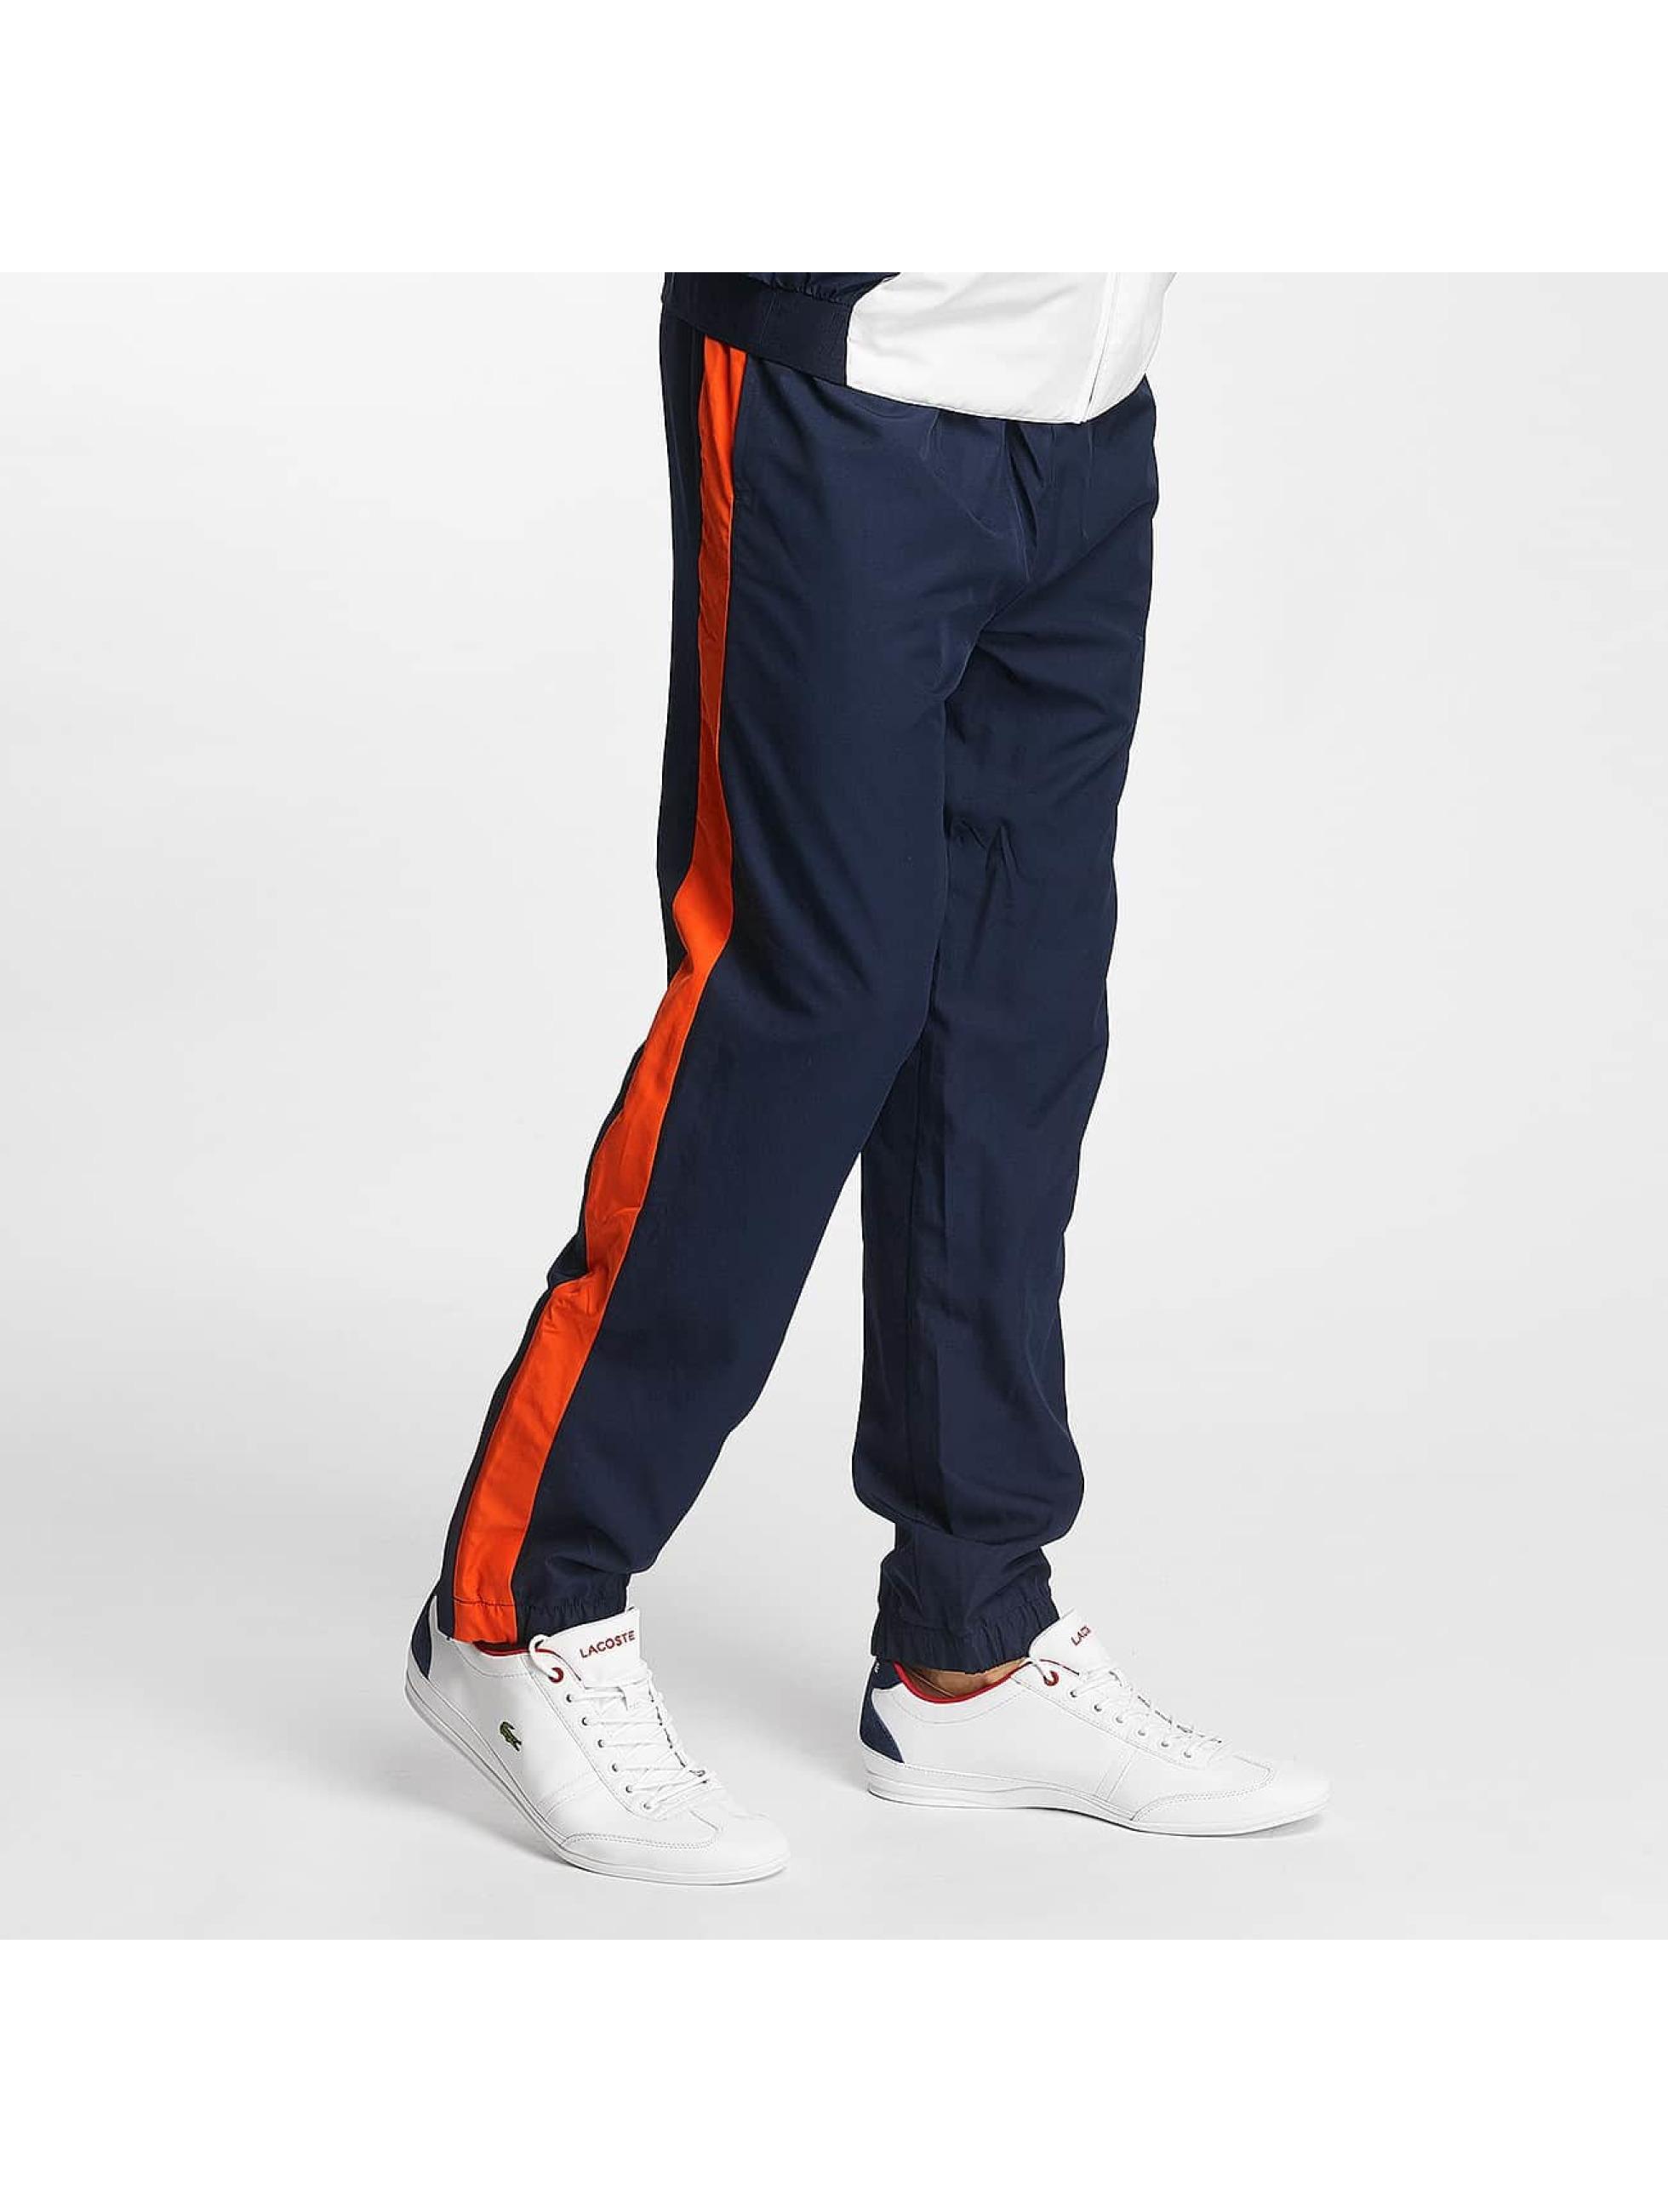 Lacoste Classic Suits Sport Tennis Colorblocks blue